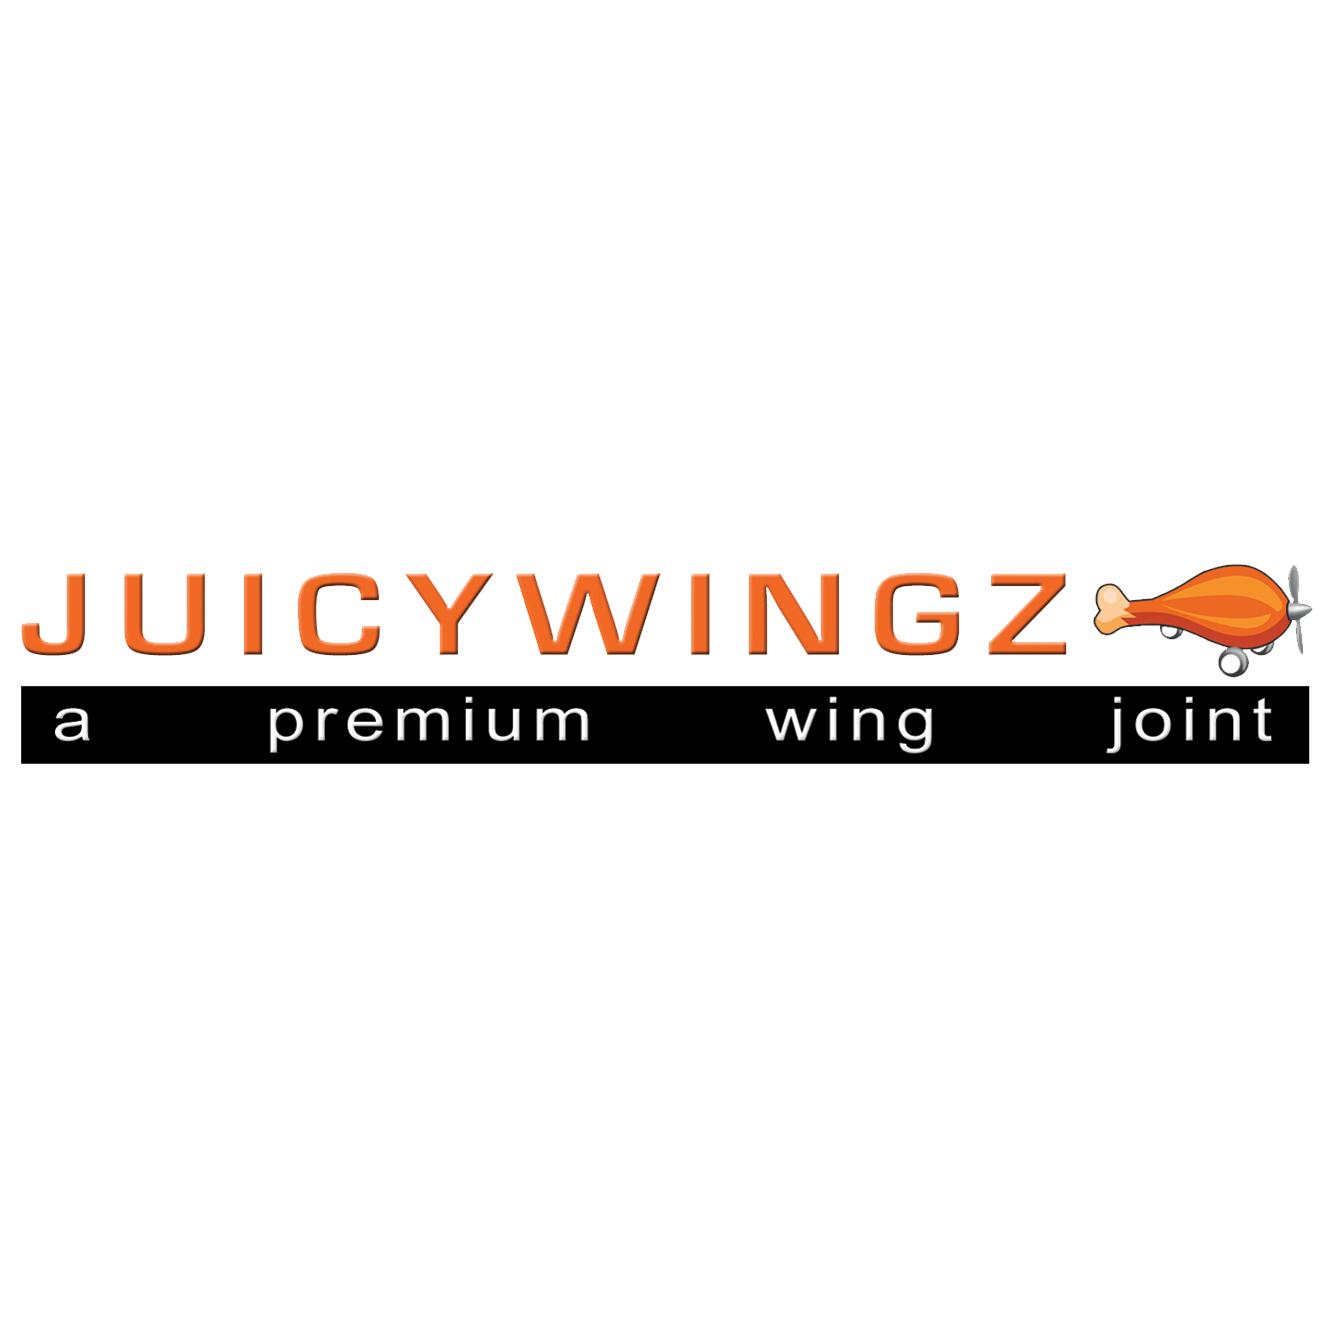 Juicy Wingz